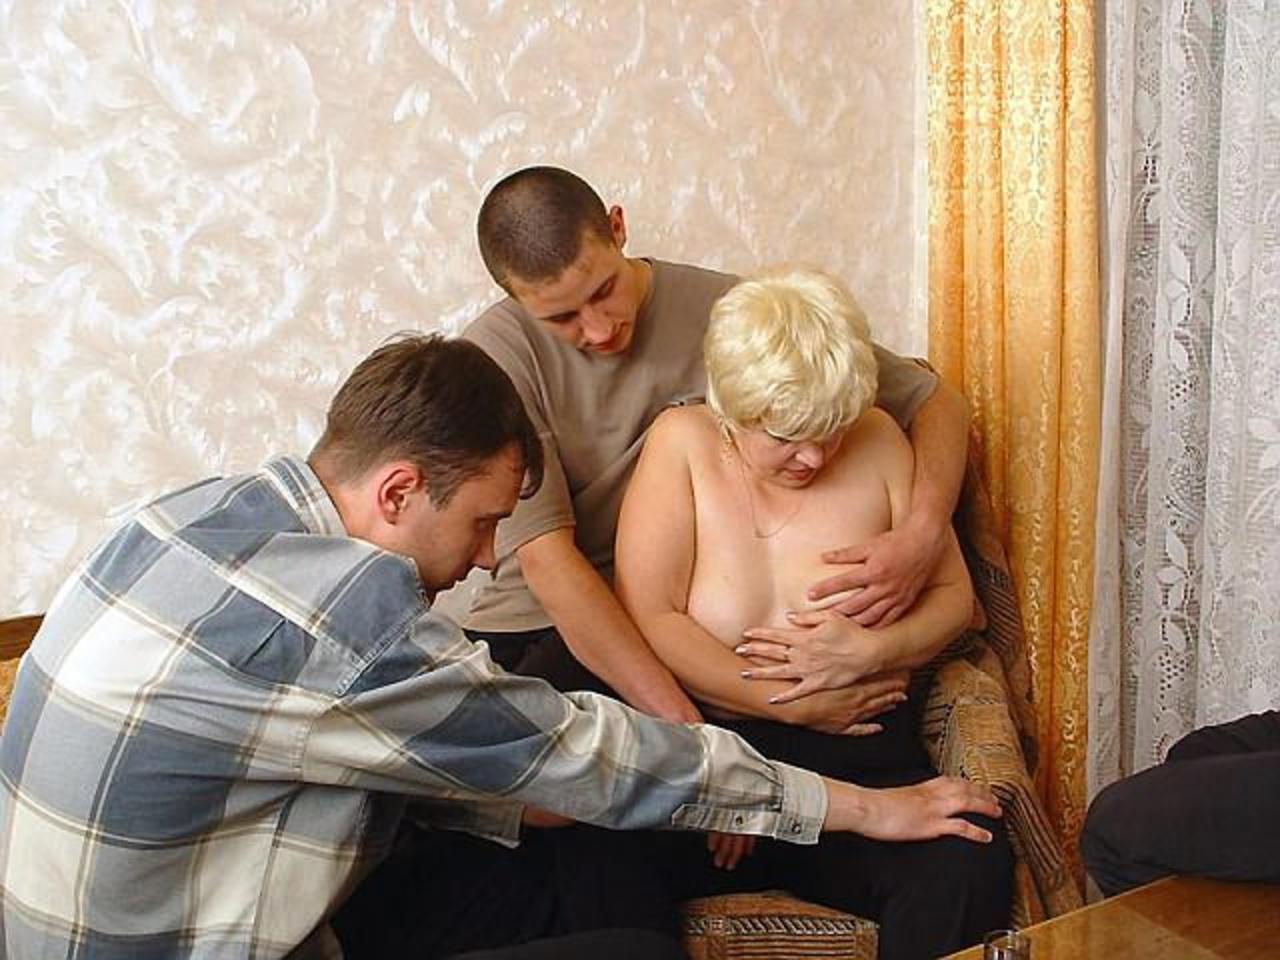 следовало ожидать, Красивые писи попки голых девушек что пост